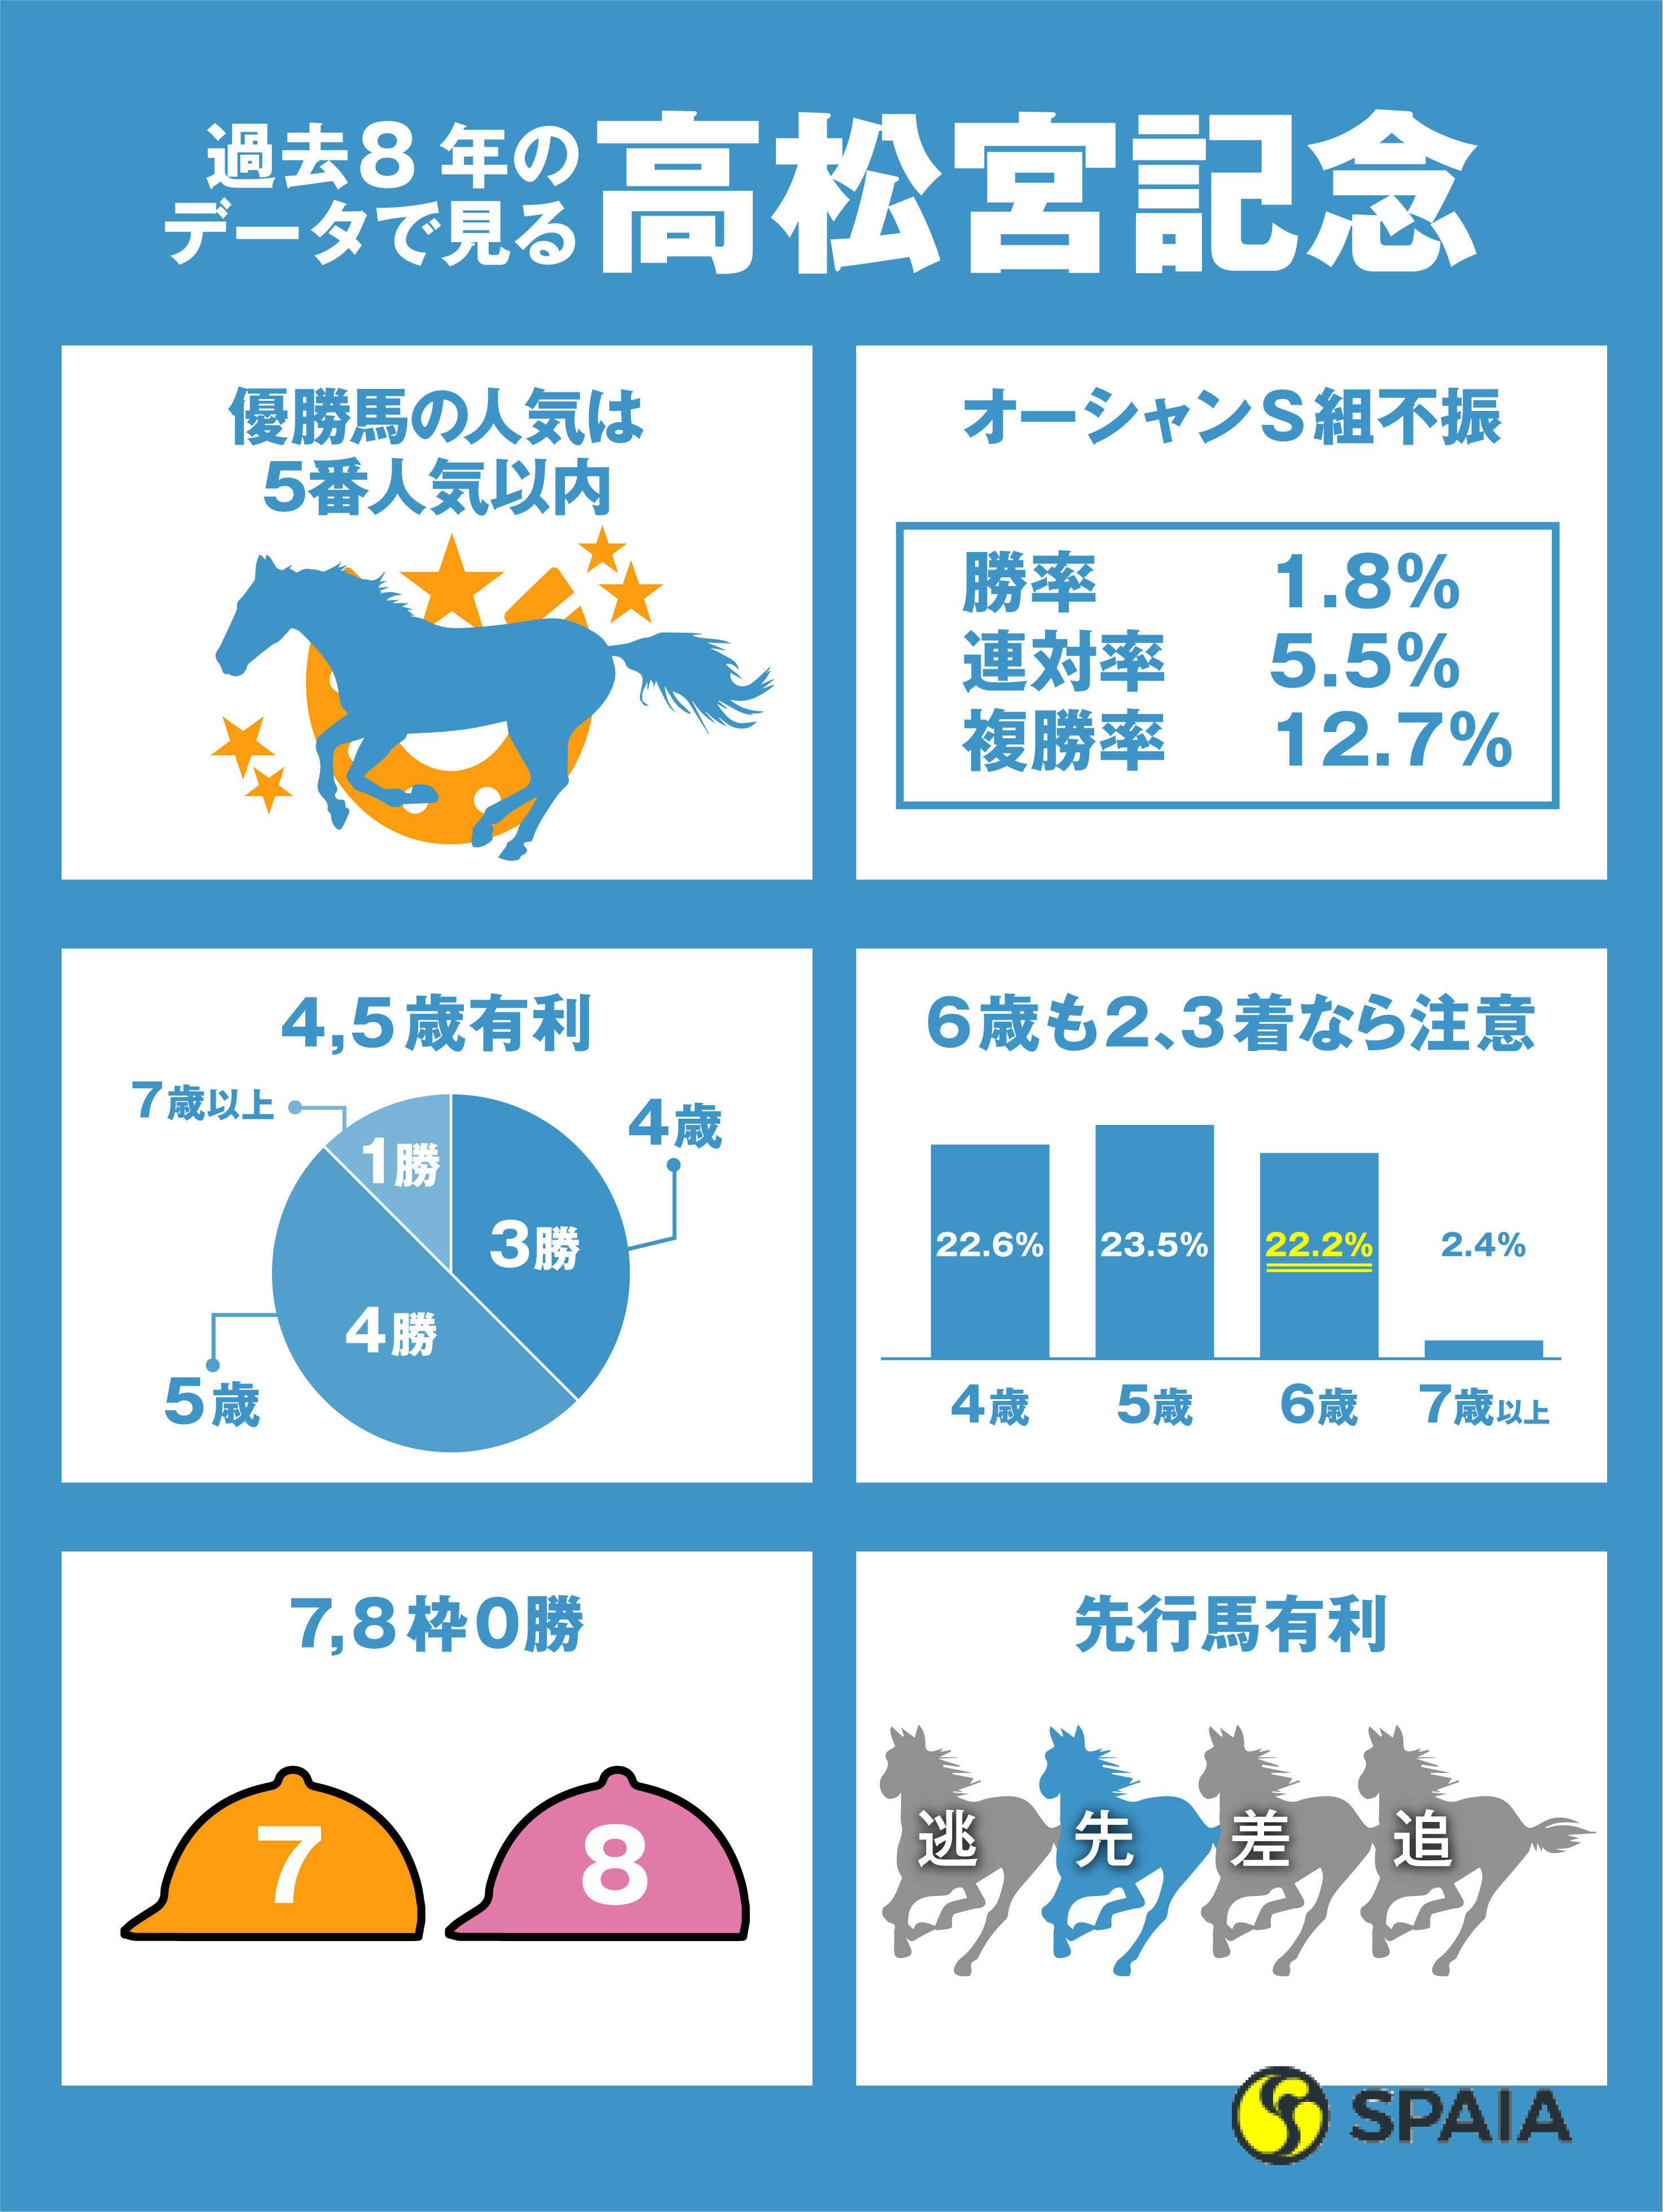 高松宮記念インフォグラフィック